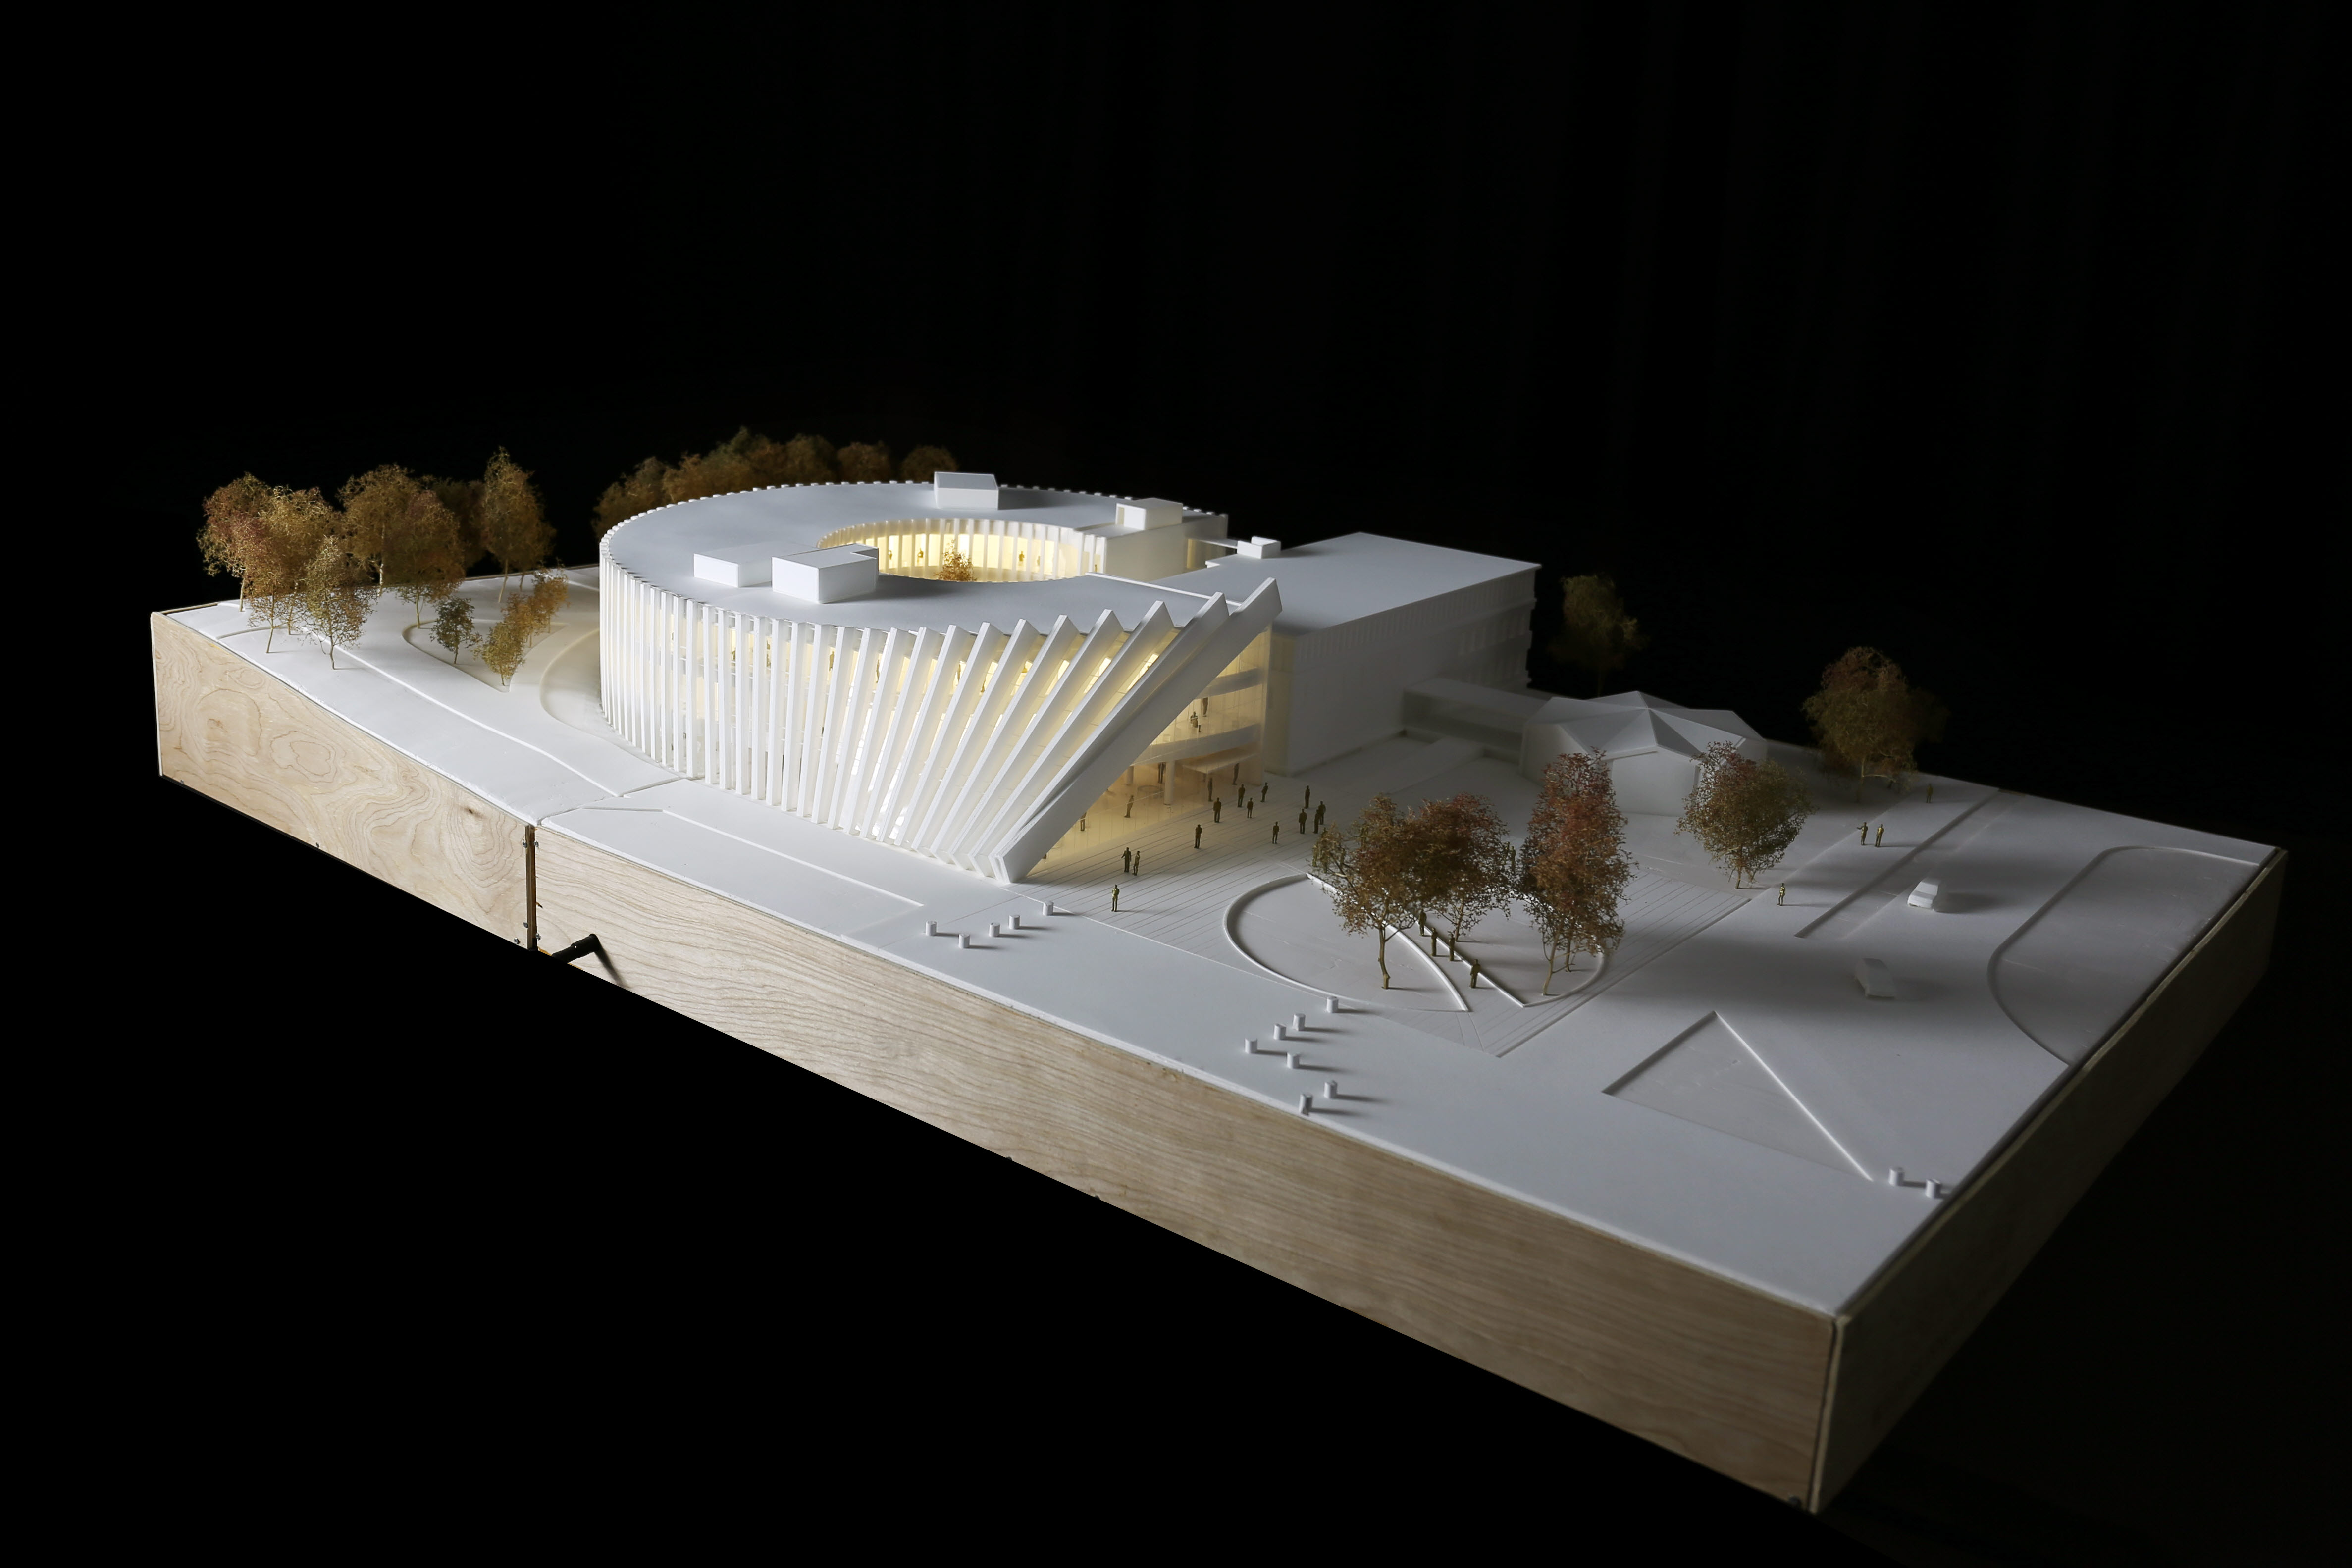 〔안정원의 건축 칼럼〕 도너츠형 매스에 도미노 효과로 얻어낸 역동적이면서 순환적인 건축 3